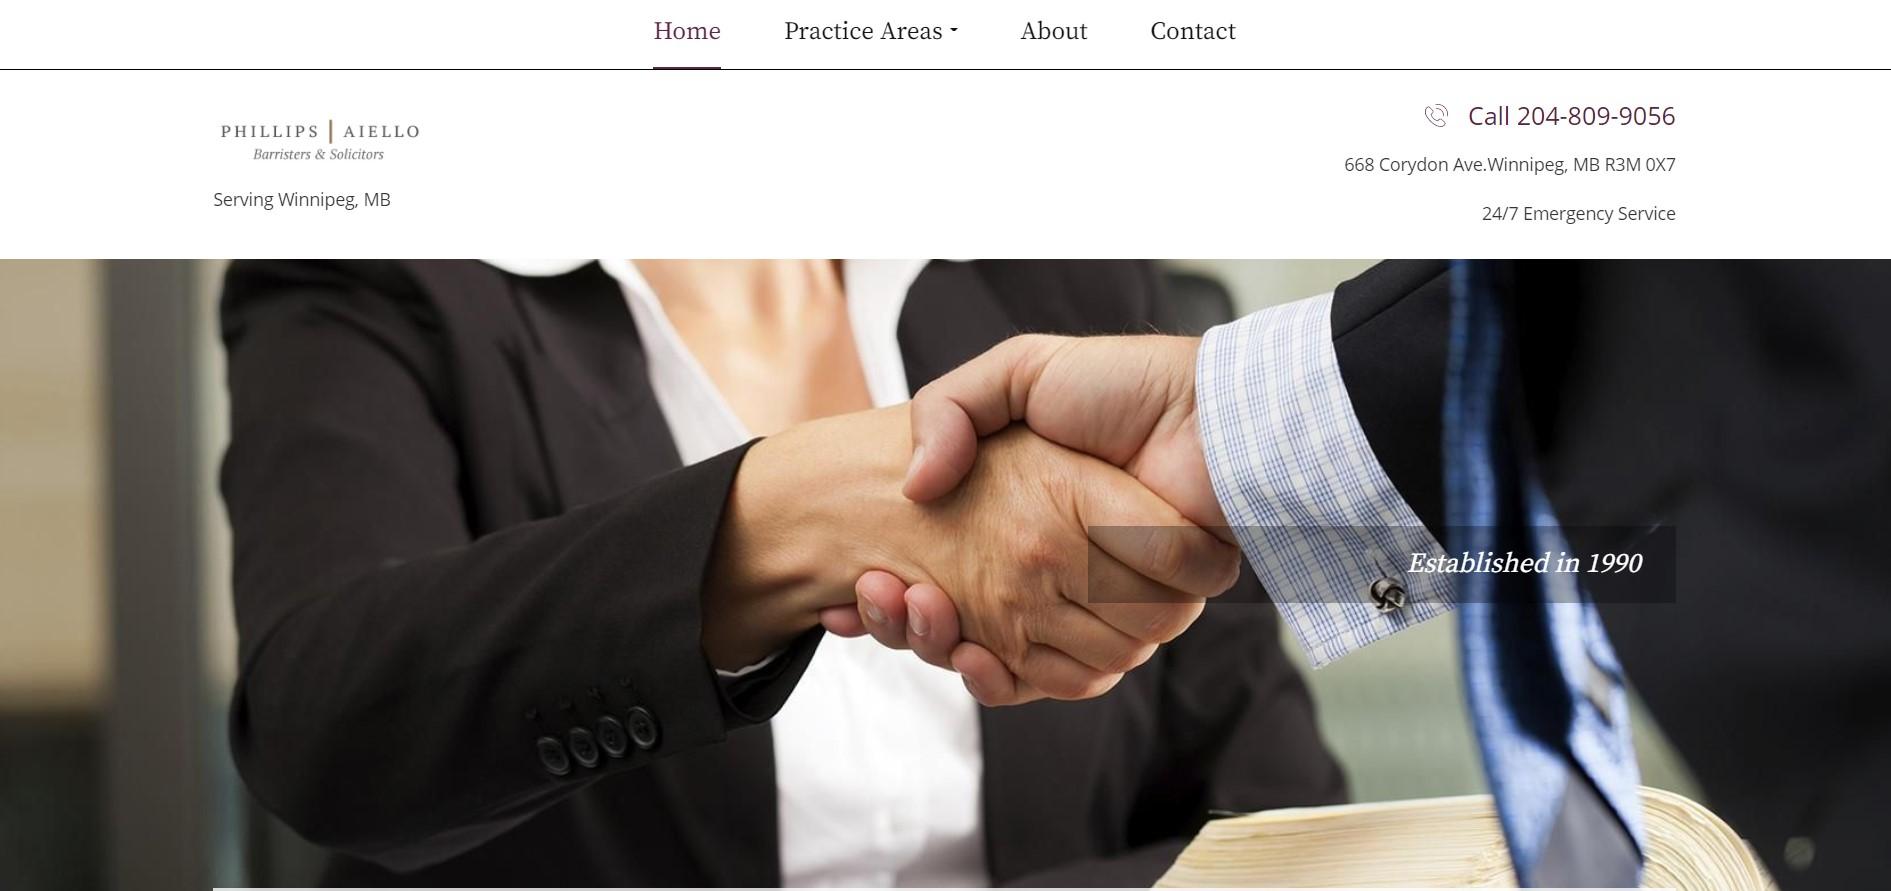 phillips aiello personal injury attorney in winnipeg